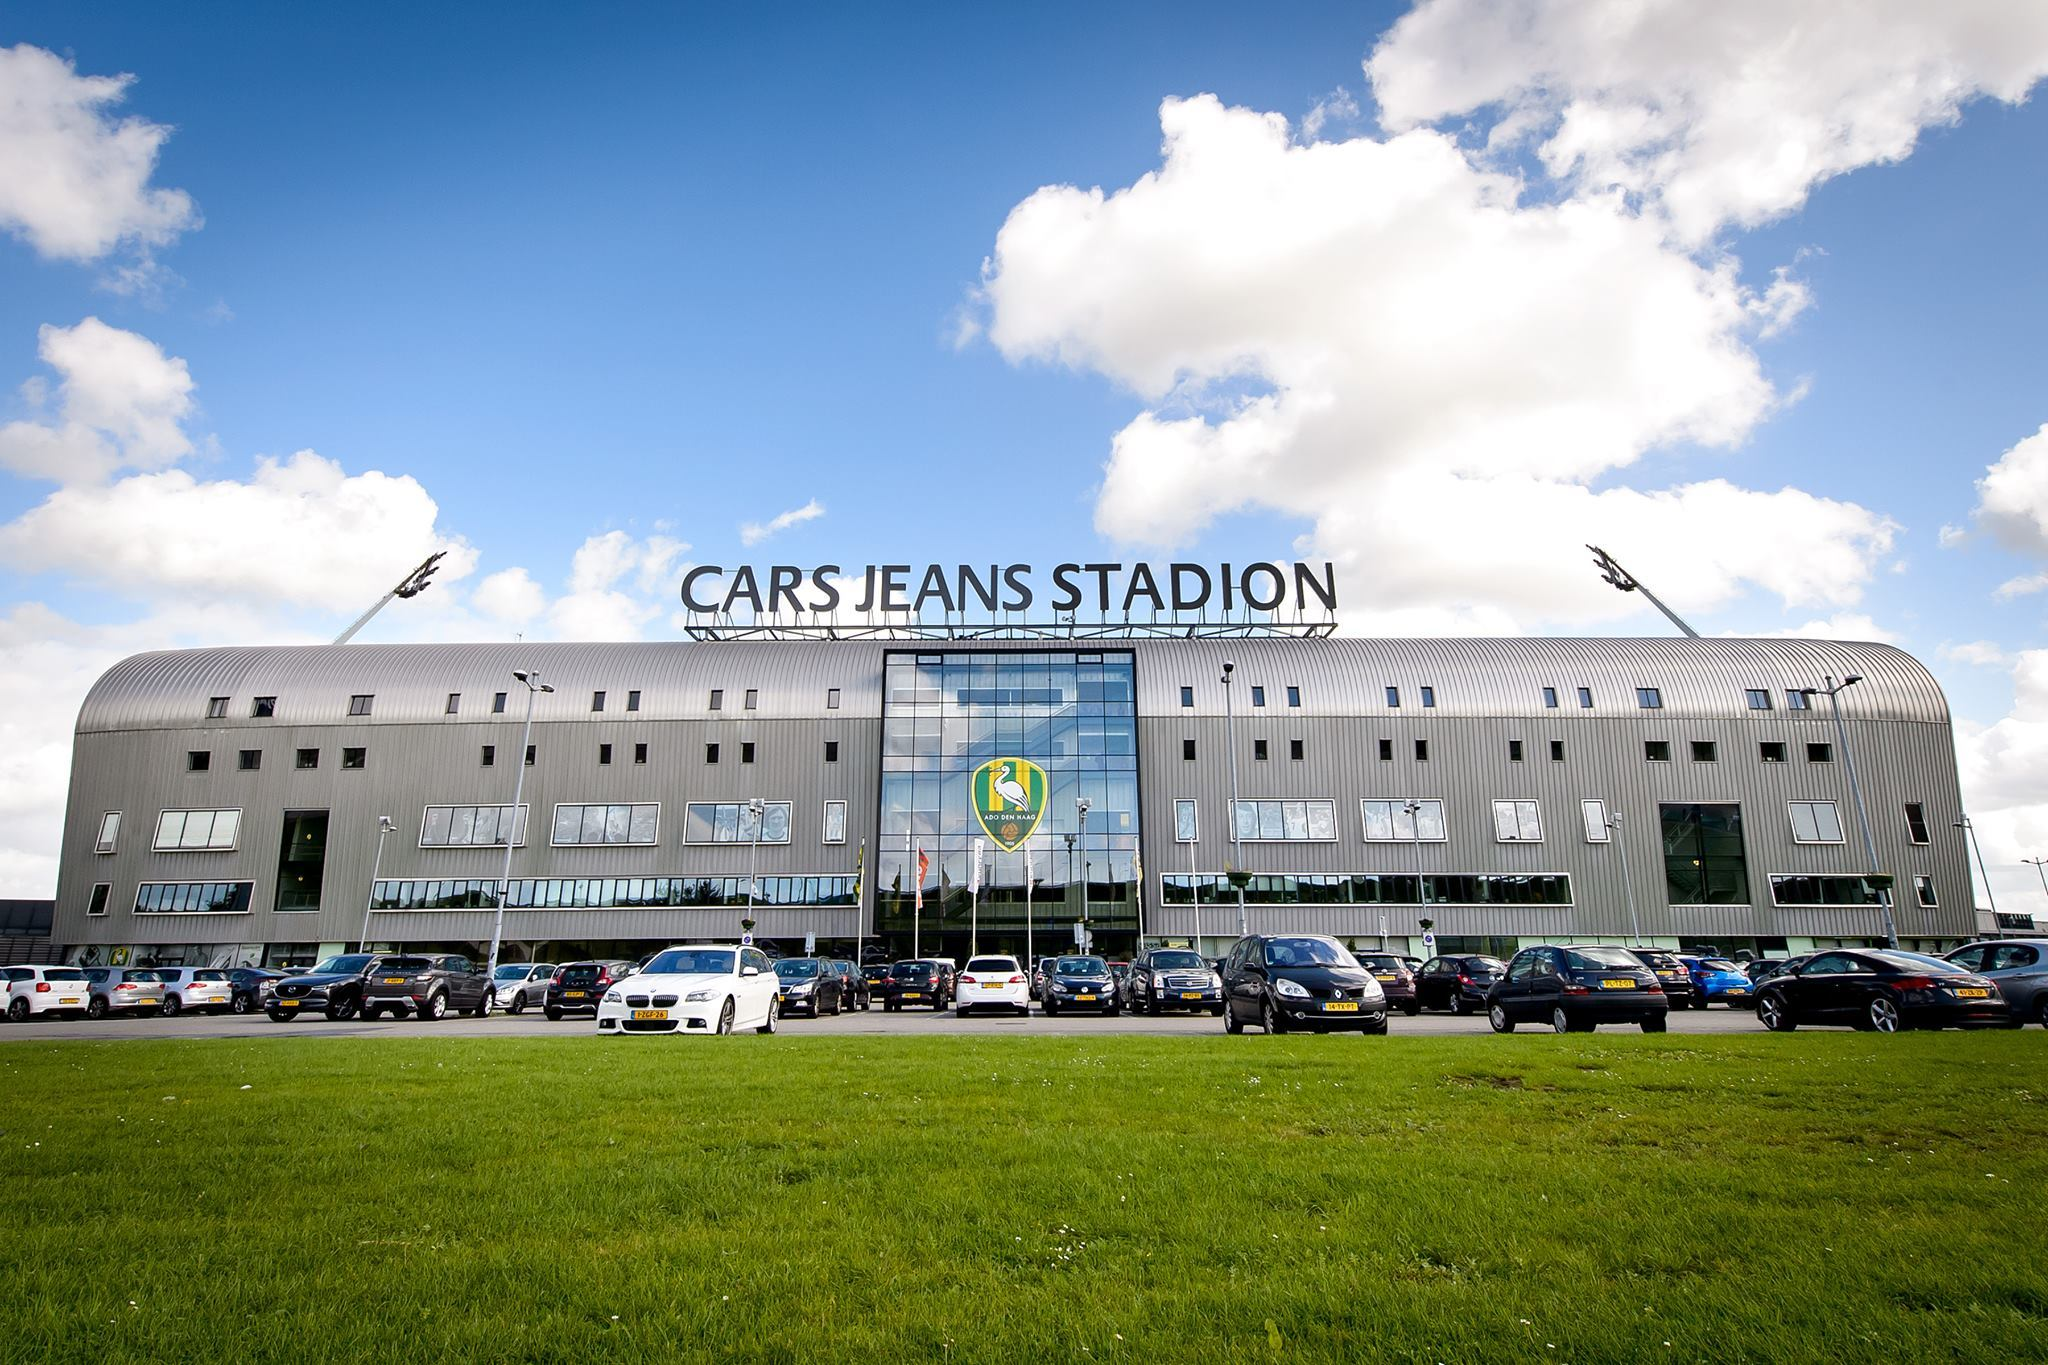 Ситуация со стадионом АЗ: странное заявление гендиректора и экономия на материалах - изображение 1